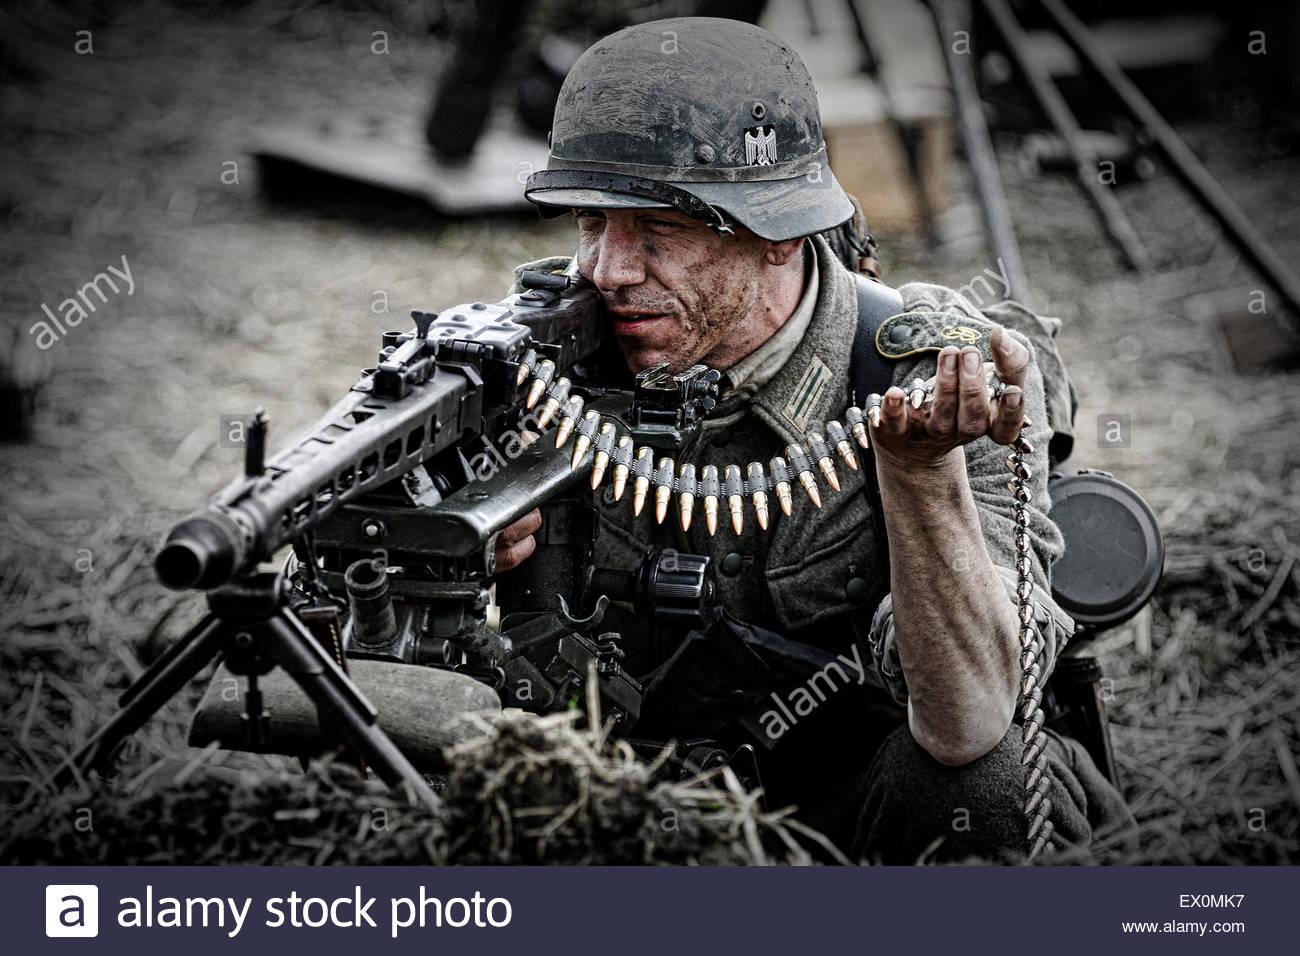 re enactment in deutschen wehrmacht milit runiform mit mg42 stockfoto bild 84838747 alamy. Black Bedroom Furniture Sets. Home Design Ideas